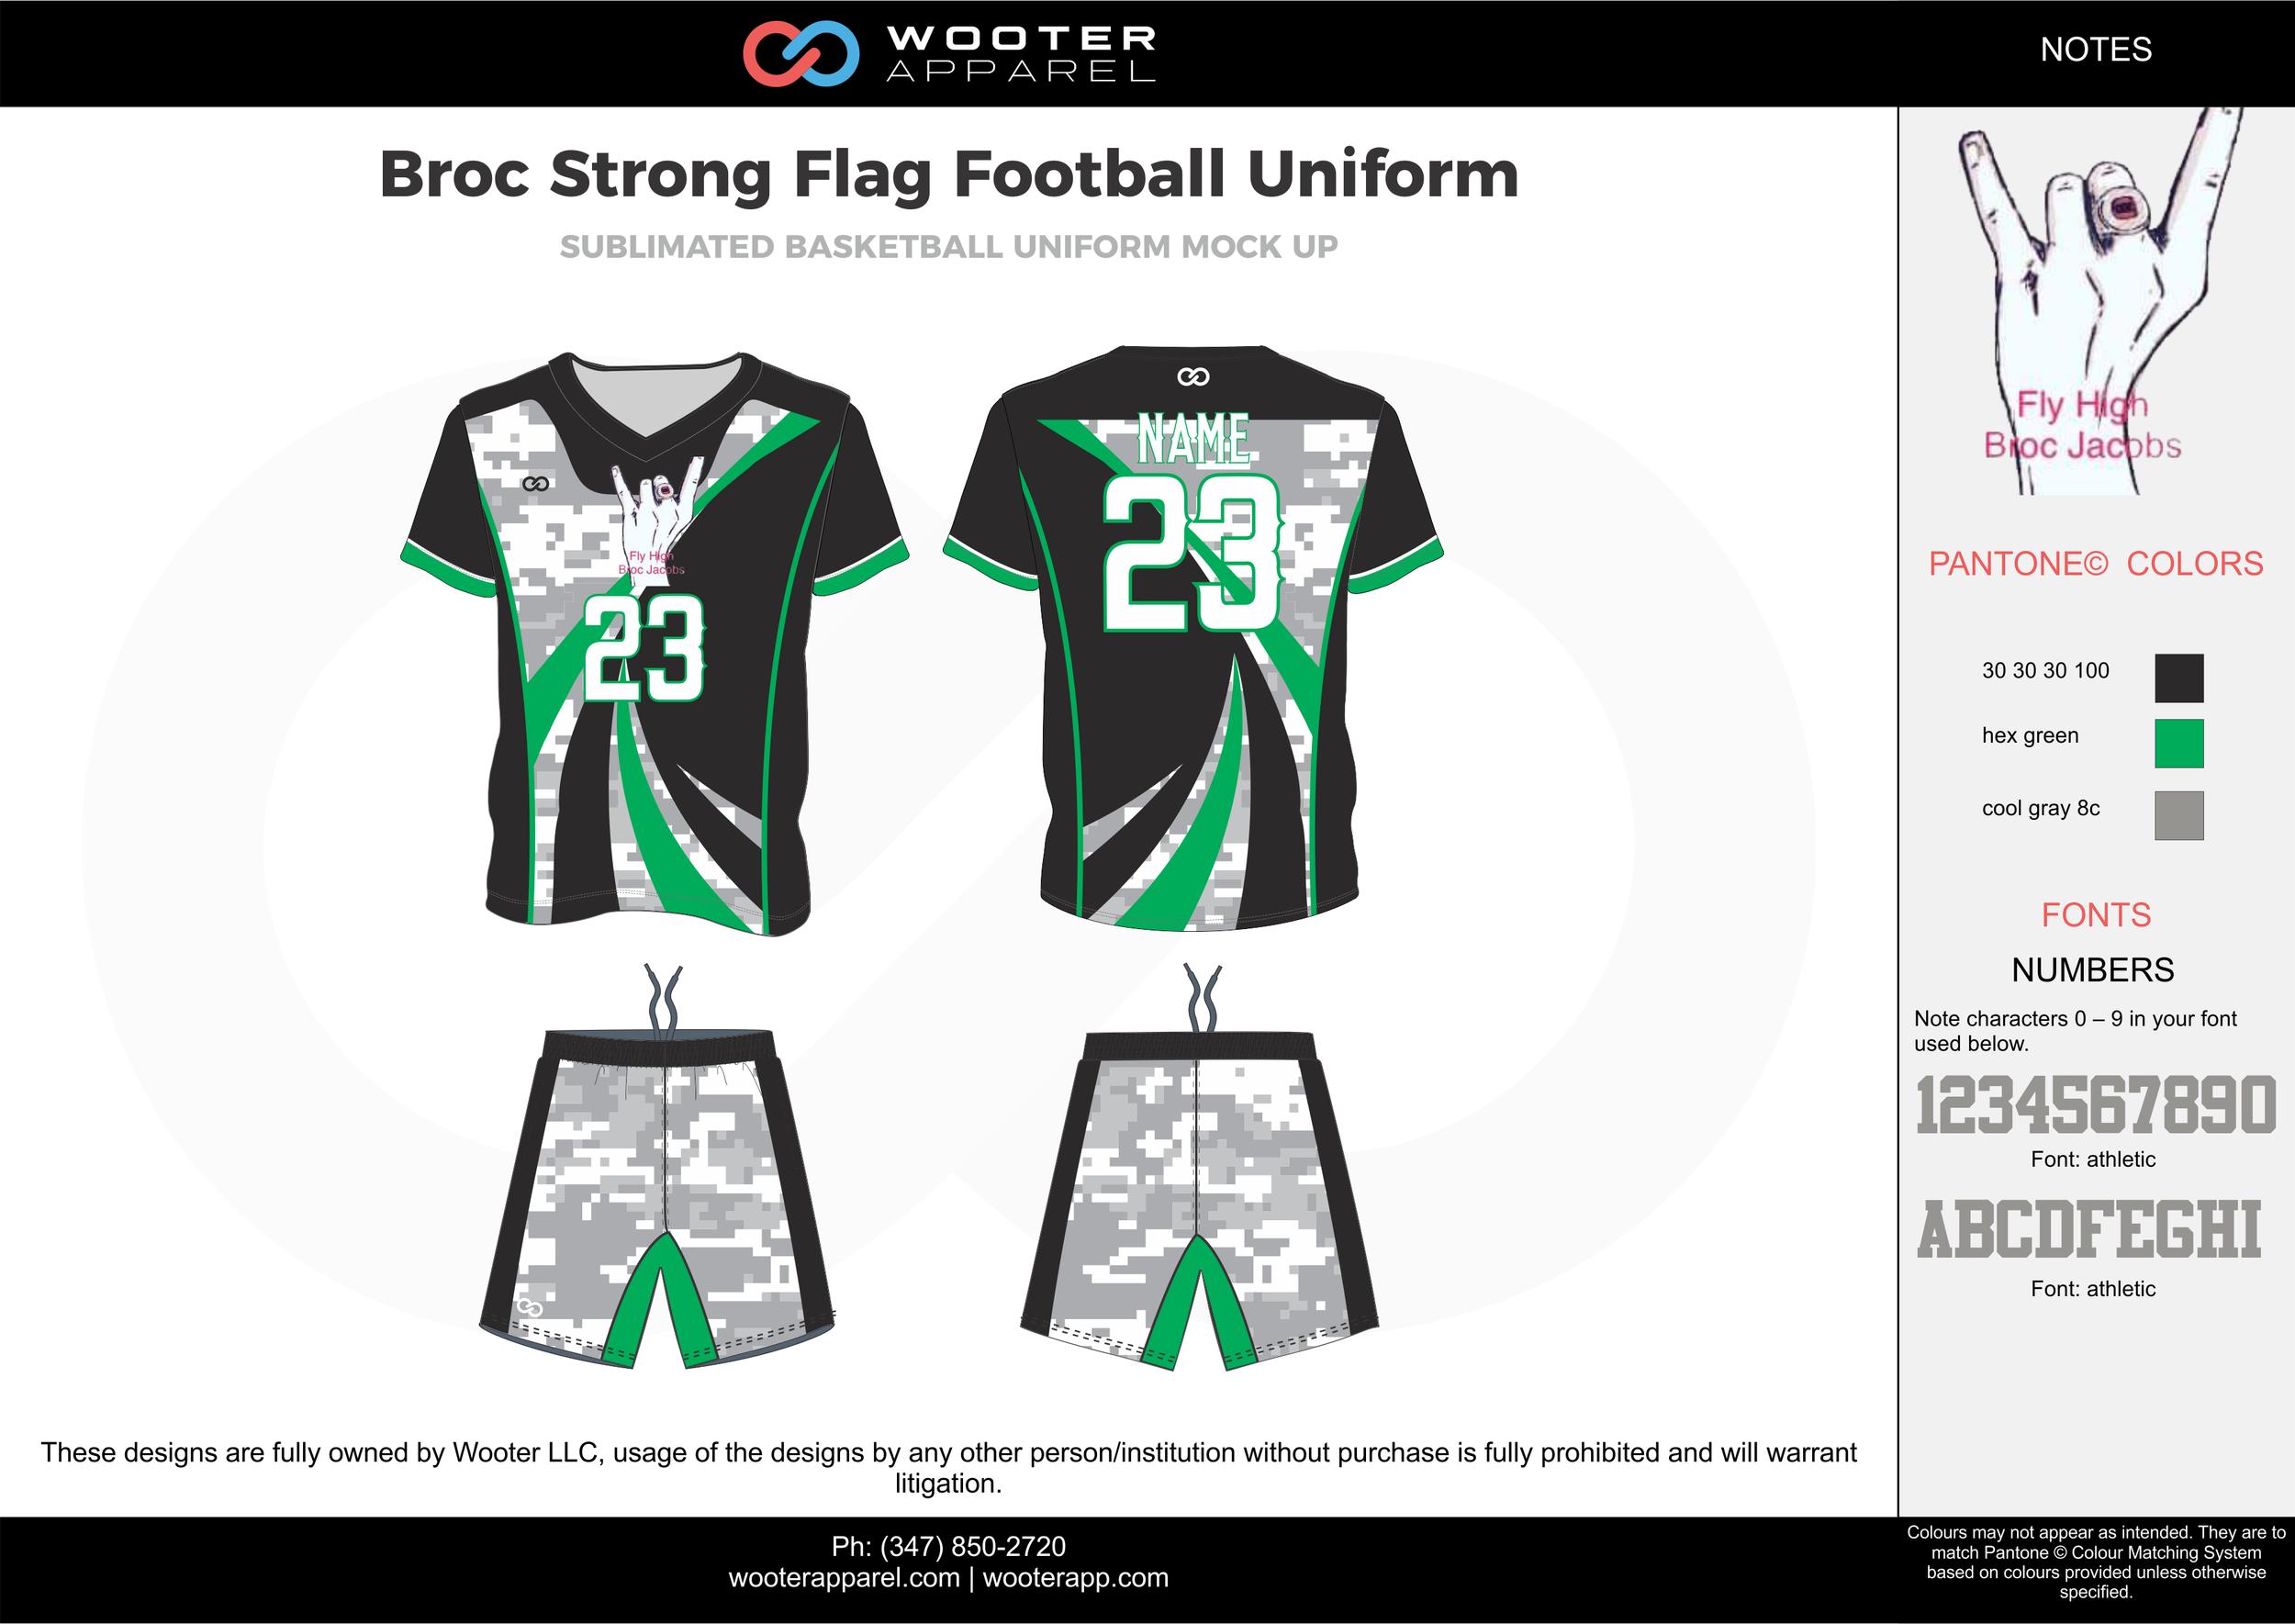 BROC Strong Flag Football Uniform green blue gray white flag football uniforms jerseys shorts